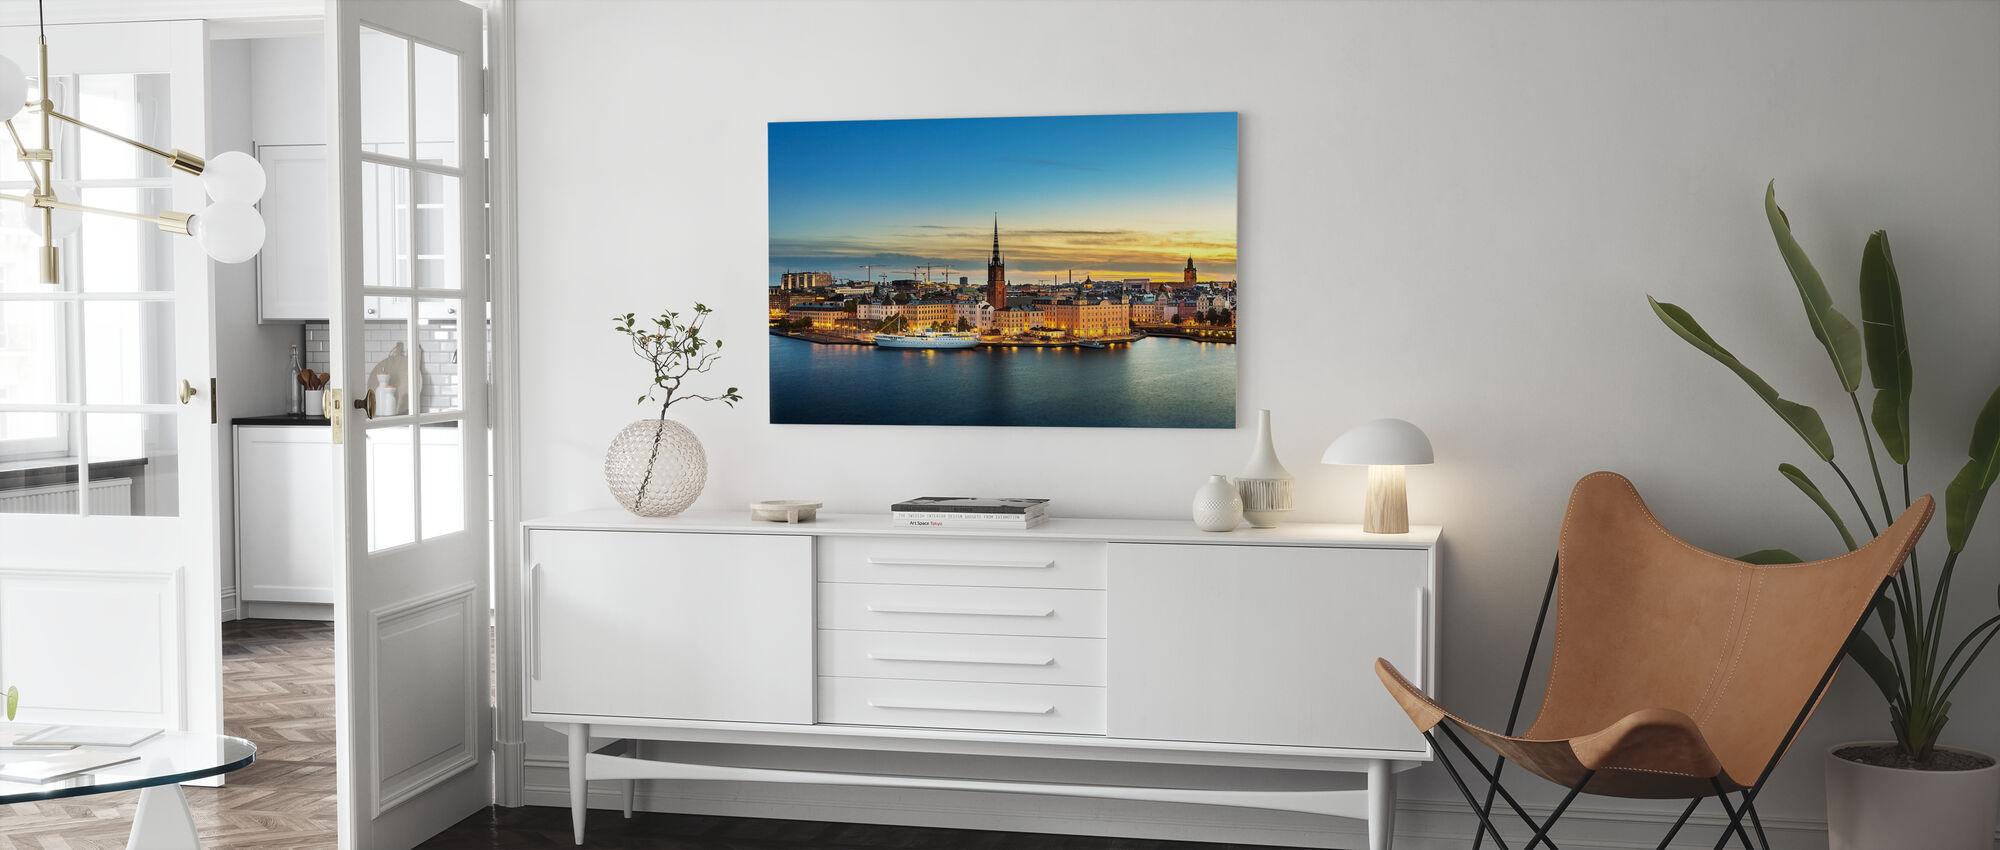 Solnedgång över Riddarholmen Stockholm - Canvastavla - Vardagsrum